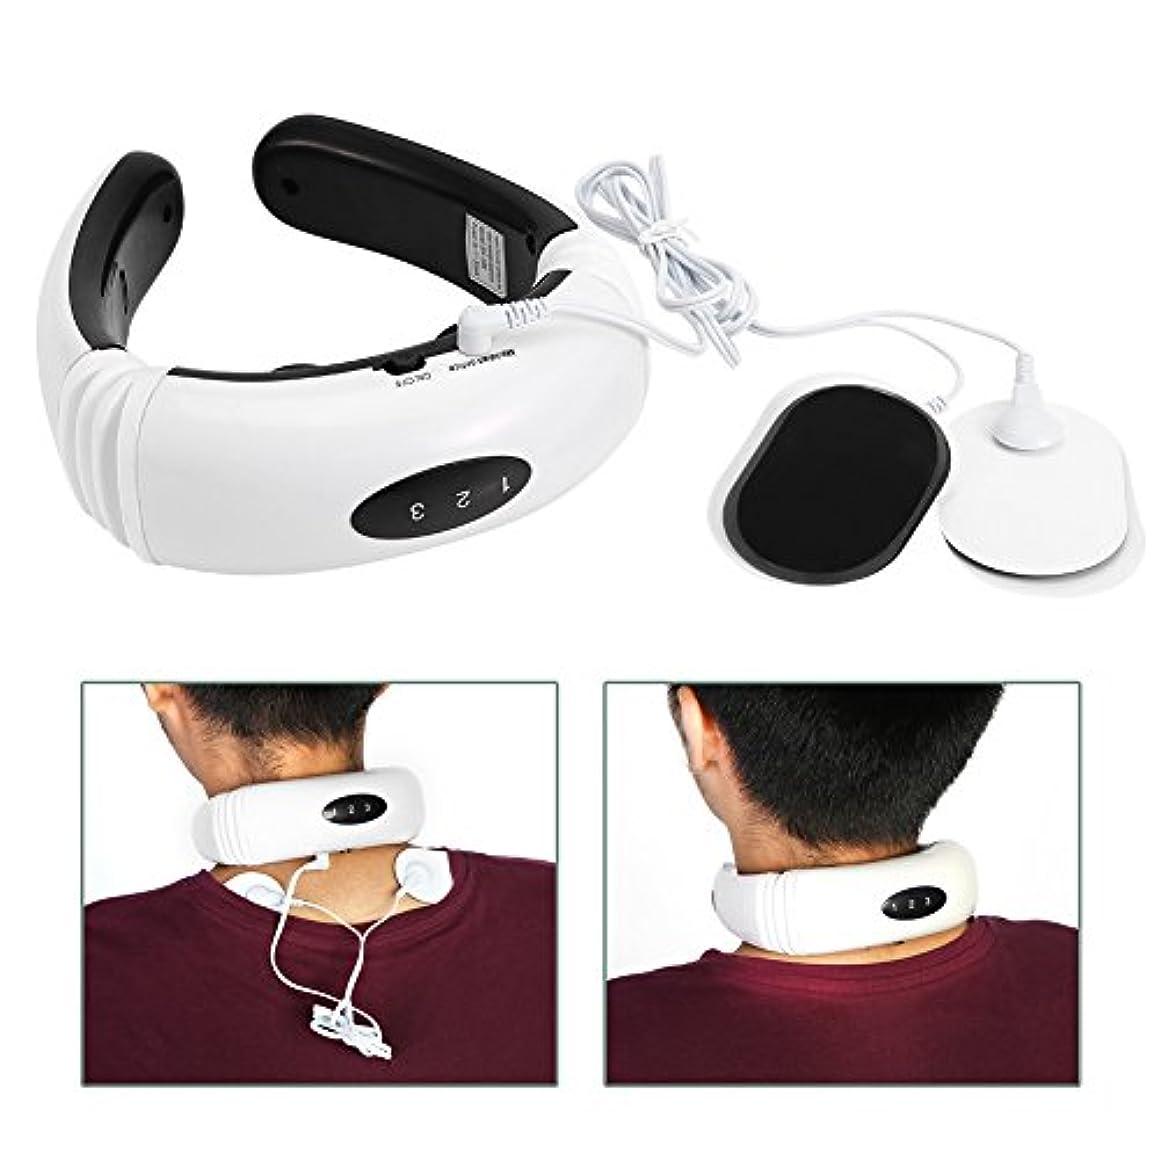 移動するかなり受ける電気首マッサージャー頸椎マッサージ器具